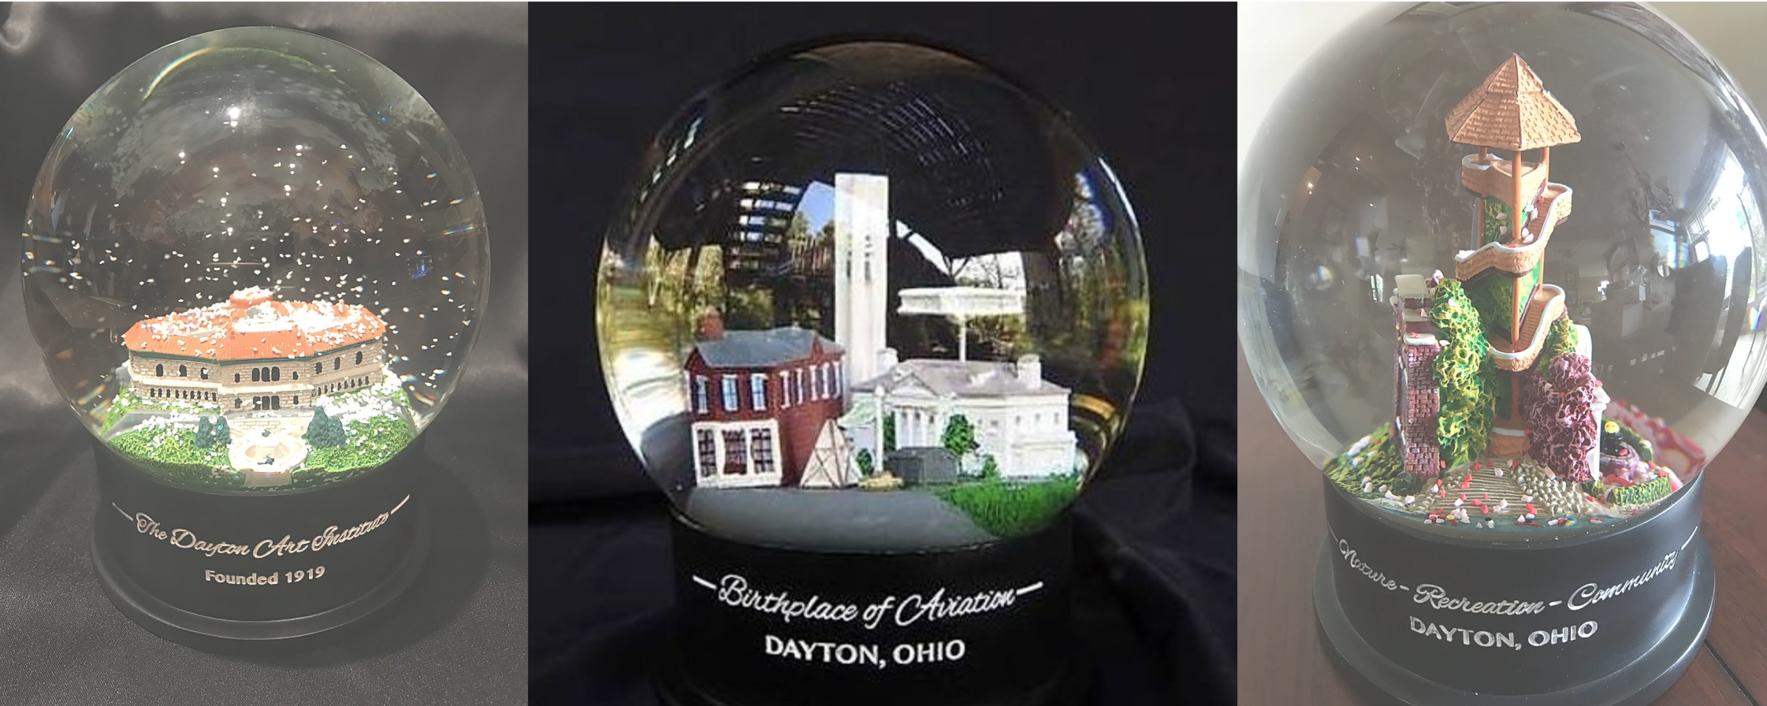 Global Love Dayton image